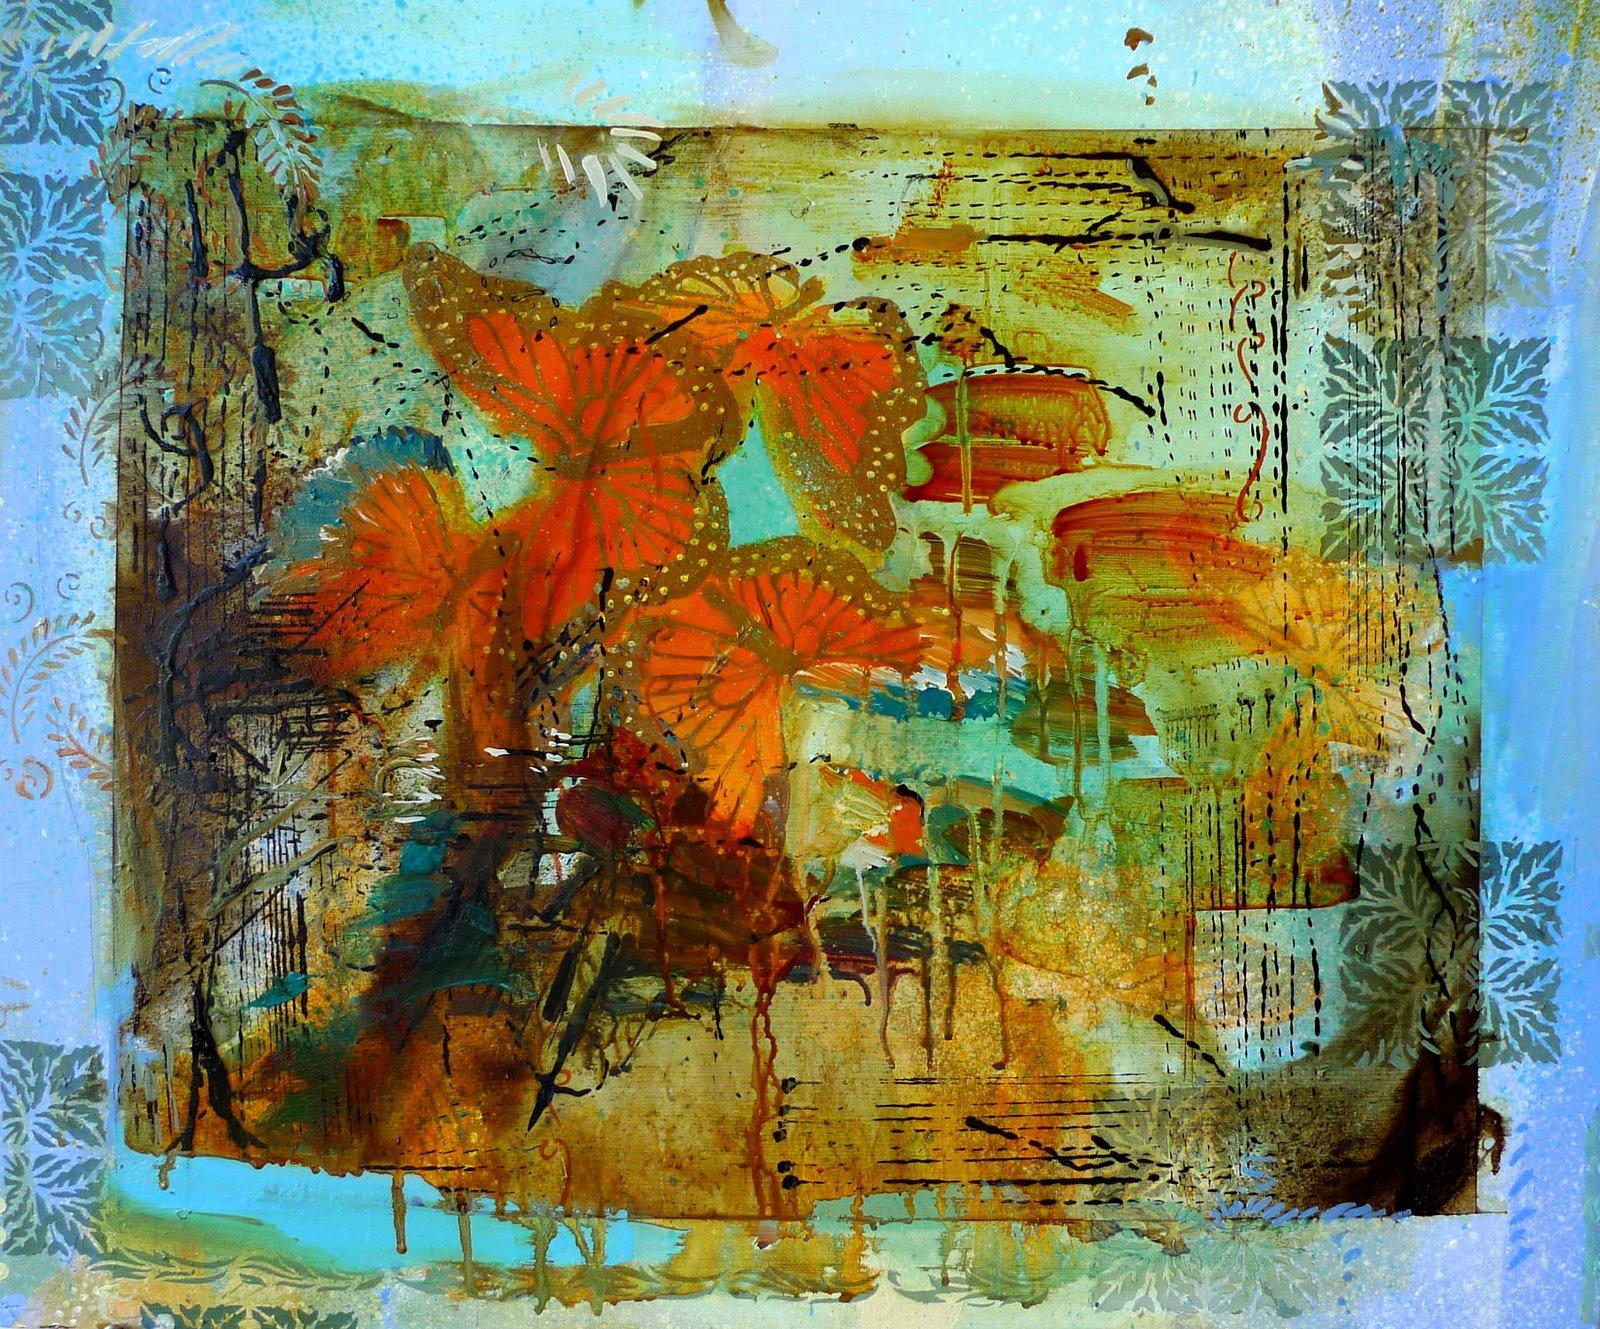 http://2.bp.blogspot.com/_X4M6SSSwCWg/TK9vkqfGL5I/AAAAAAAAHq0/w04I6iMwdQ4/s1600/butterfly.jpg